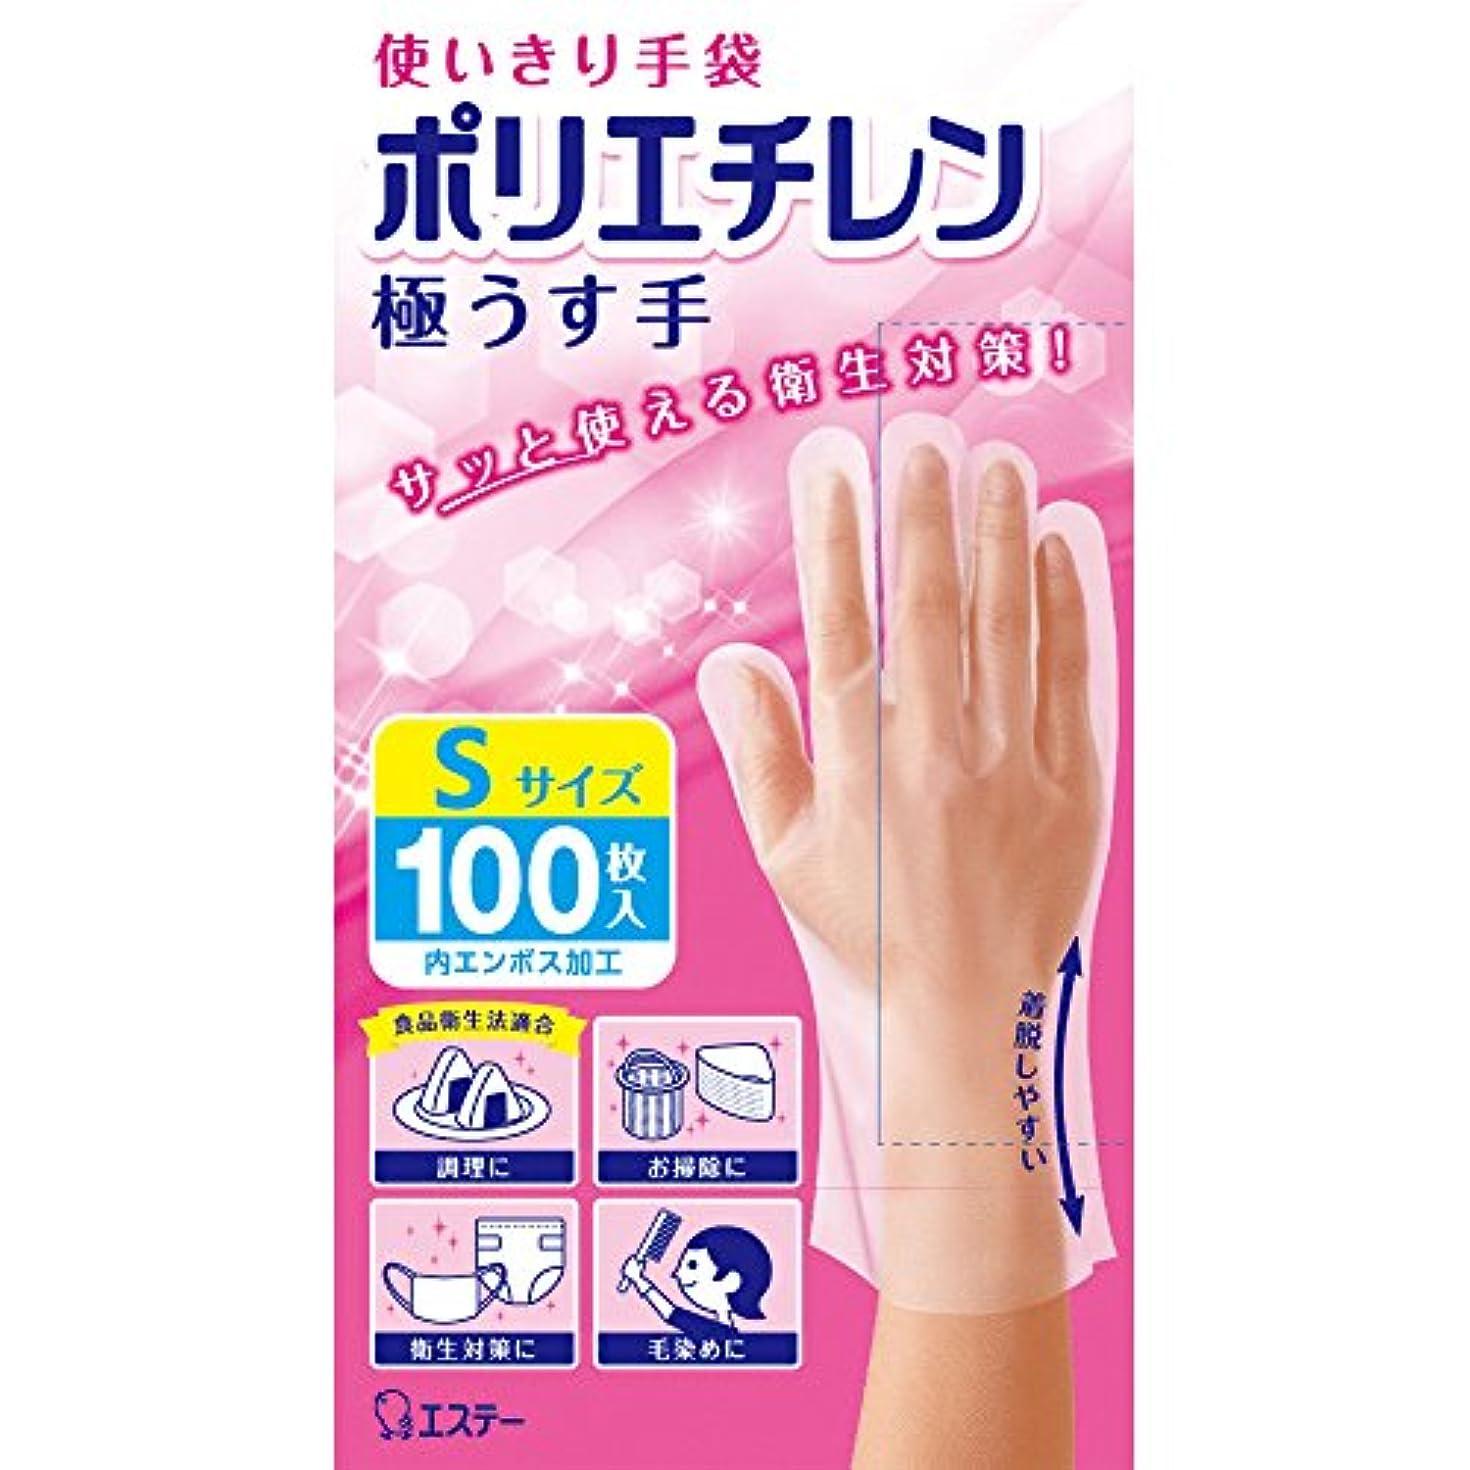 有名なピルファー左使いきり手袋 ポリエチレン 極うす手 Sサイズ 半透明 100枚